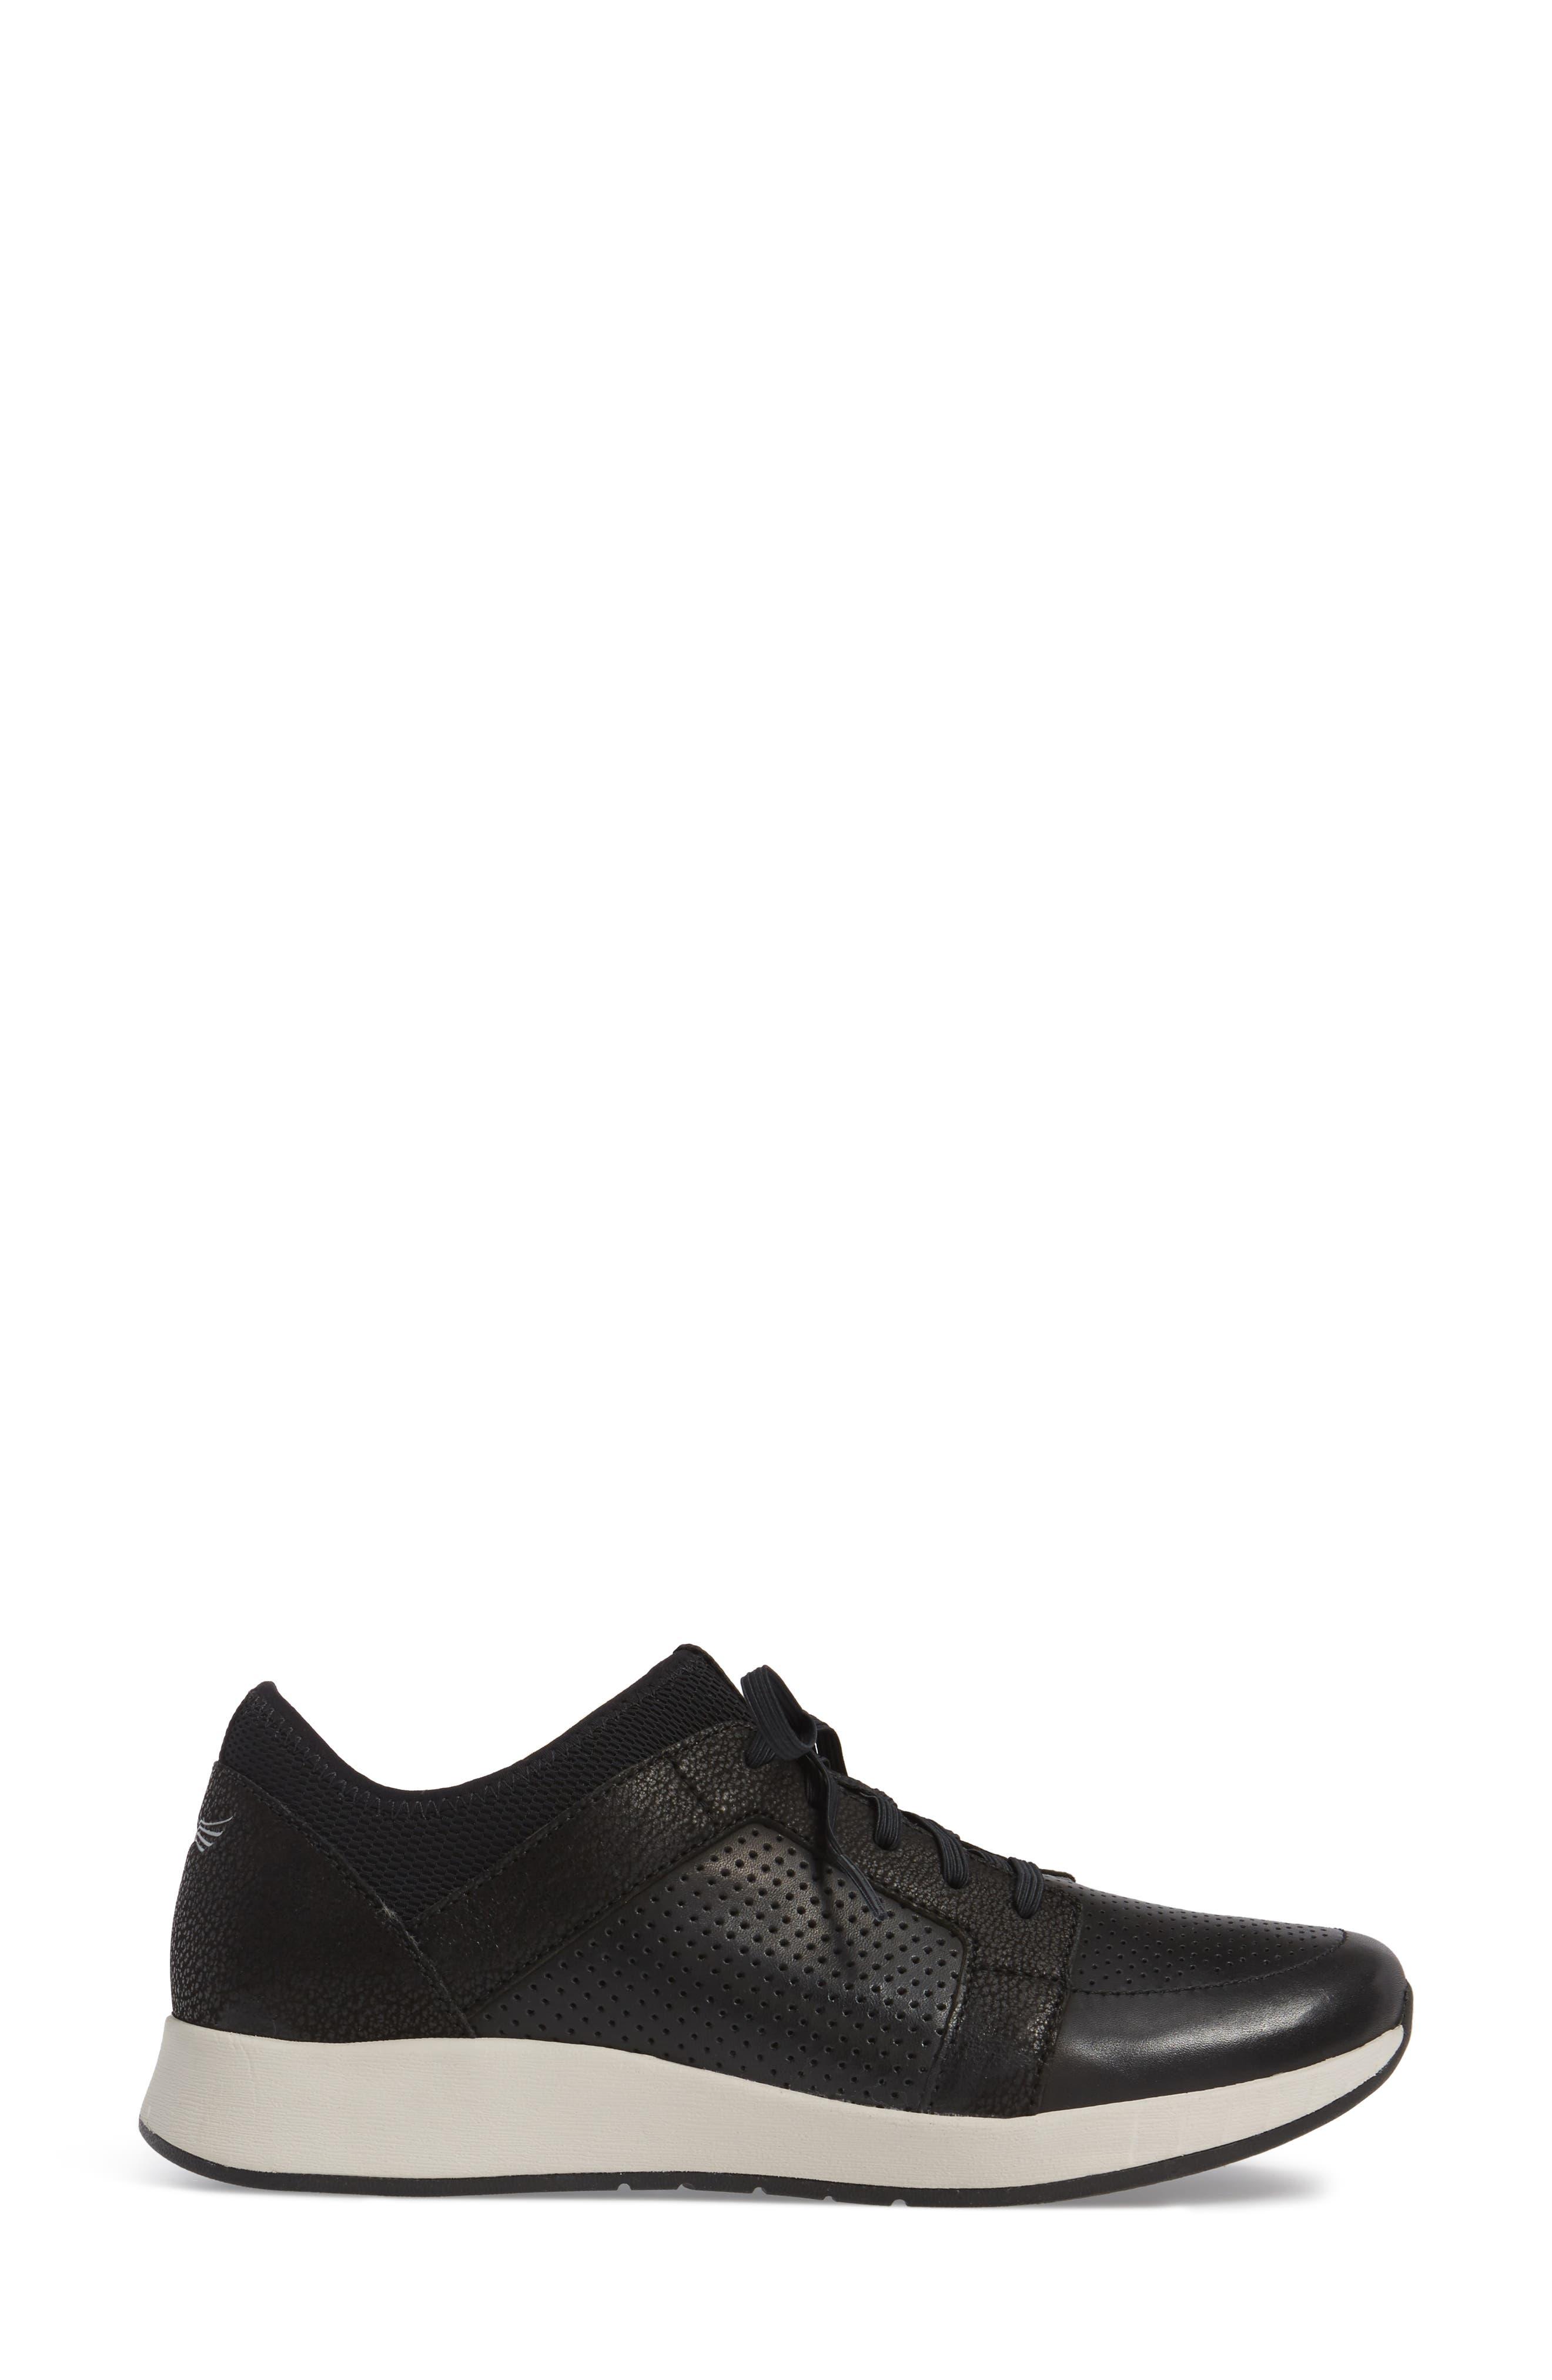 Cozette Slip-On Sneaker,                             Alternate thumbnail 3, color,                             001